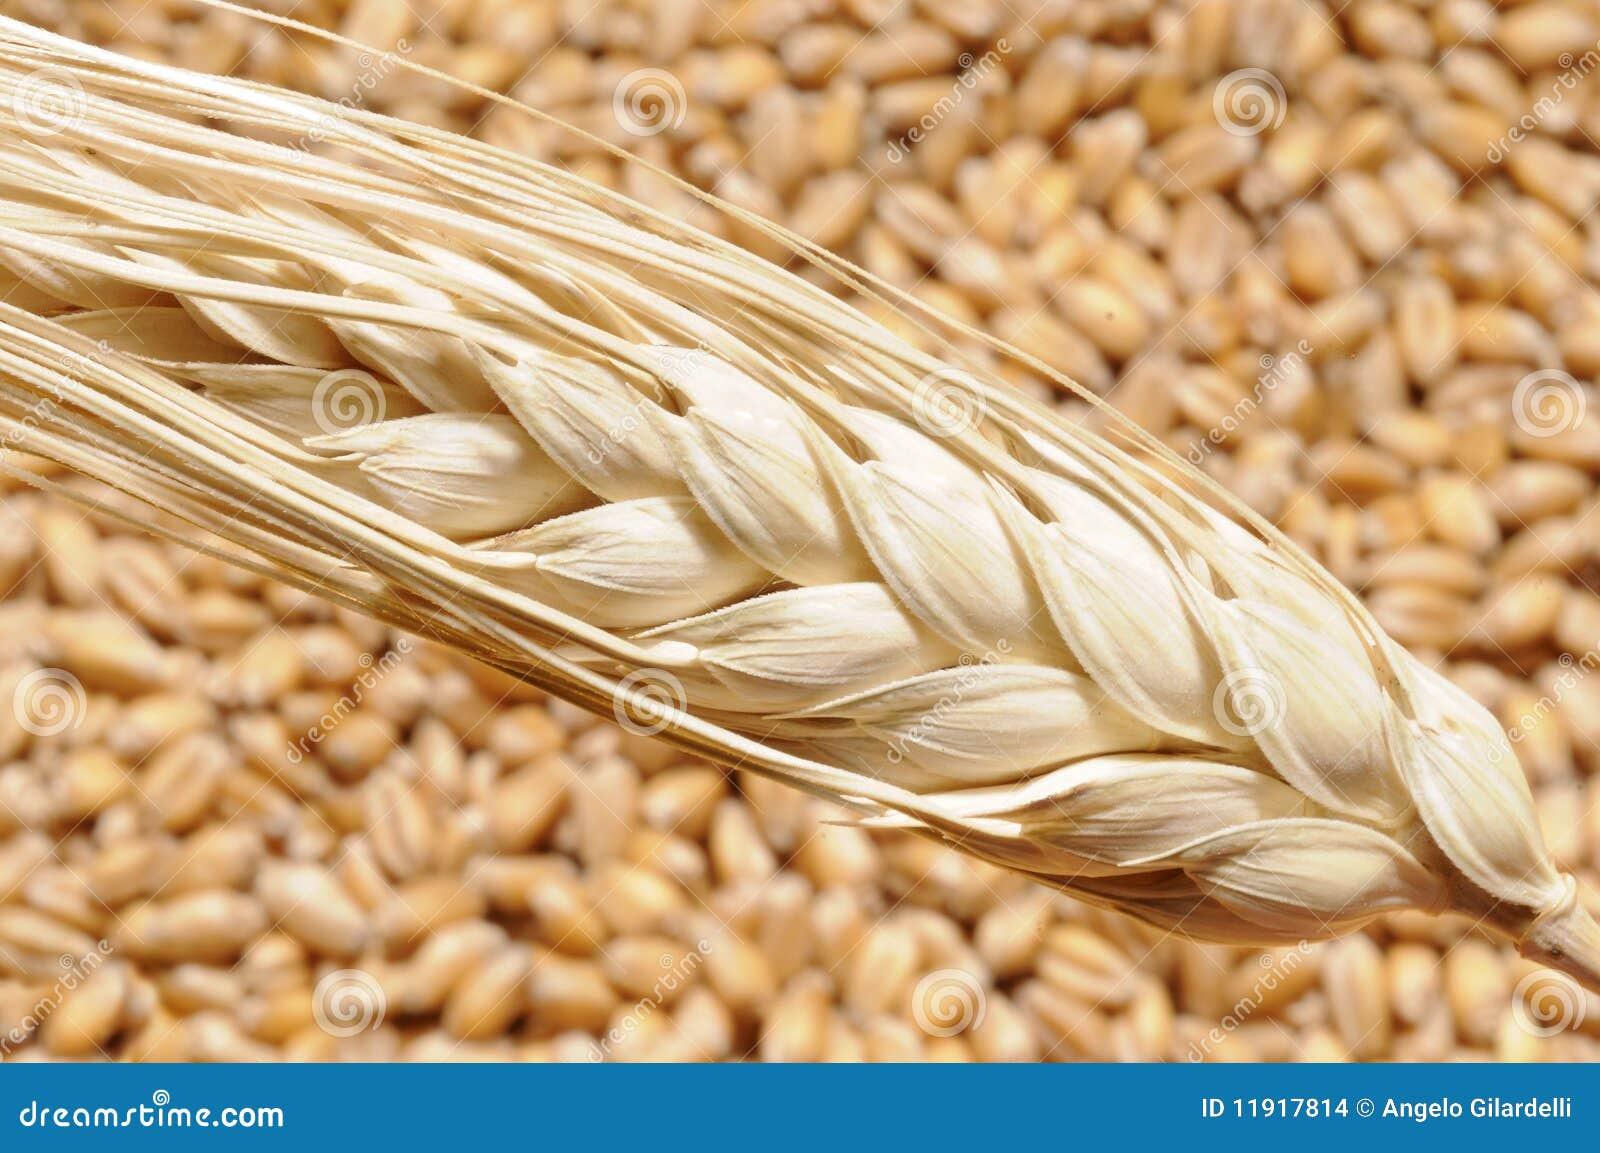 De stoom van de tarwe op korrels